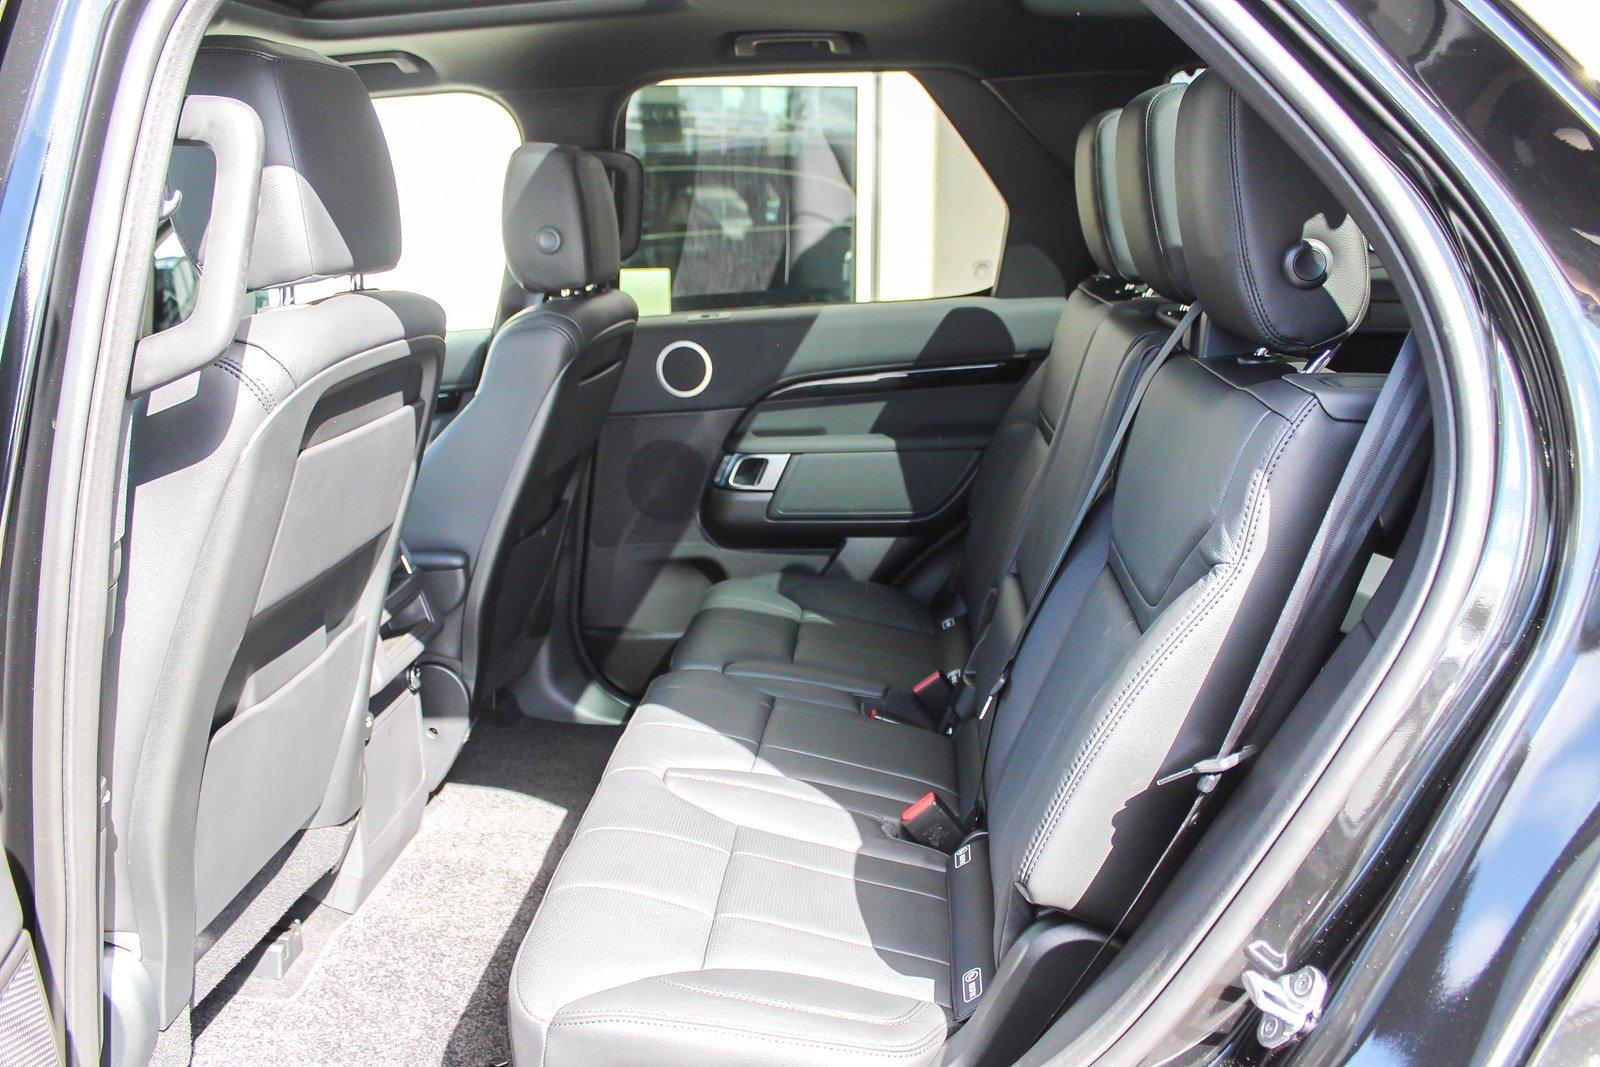 Giá Xe Land Rover Discovery 7 Chỗ Động Cơ 2.0L 300 Mã Lực Bao Nhiêu Tiền Khi Nhập Về Việt Nam, Xe Discovery có mấy phiên bản, Bản SE, HSE, và Luxury khác nhau thế nào, Xe Range Rover 7 Chỗ Chạy êm và bền không, Đ�